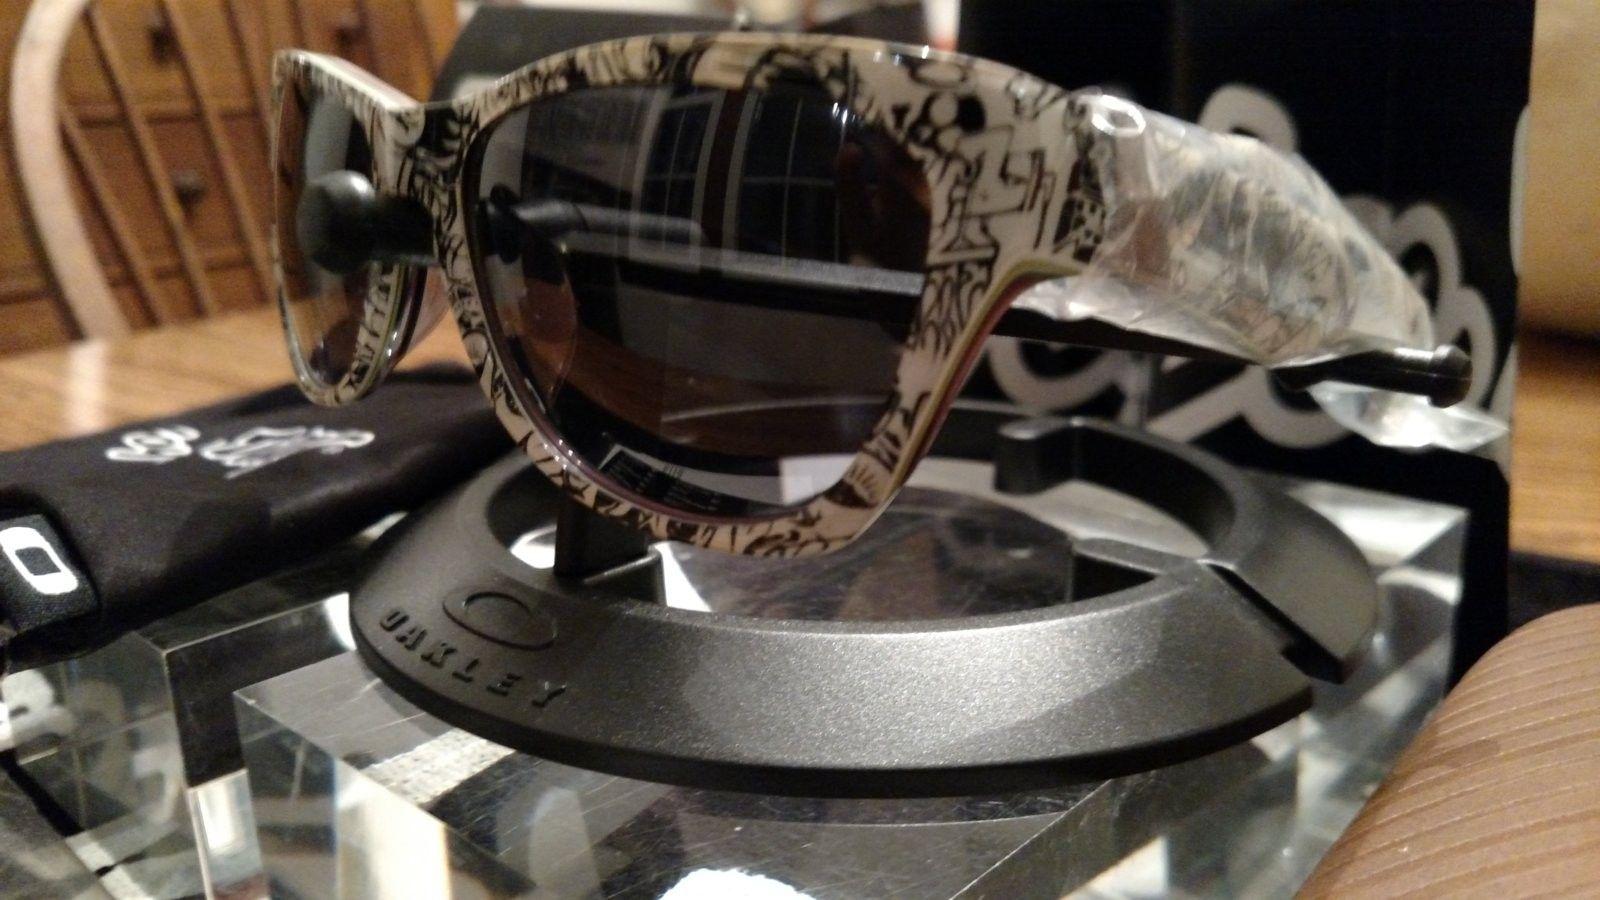 Troy Lee Design Jupiter Polished White/Grey-drop to $65 - IMG_20161015_223027365.jpg